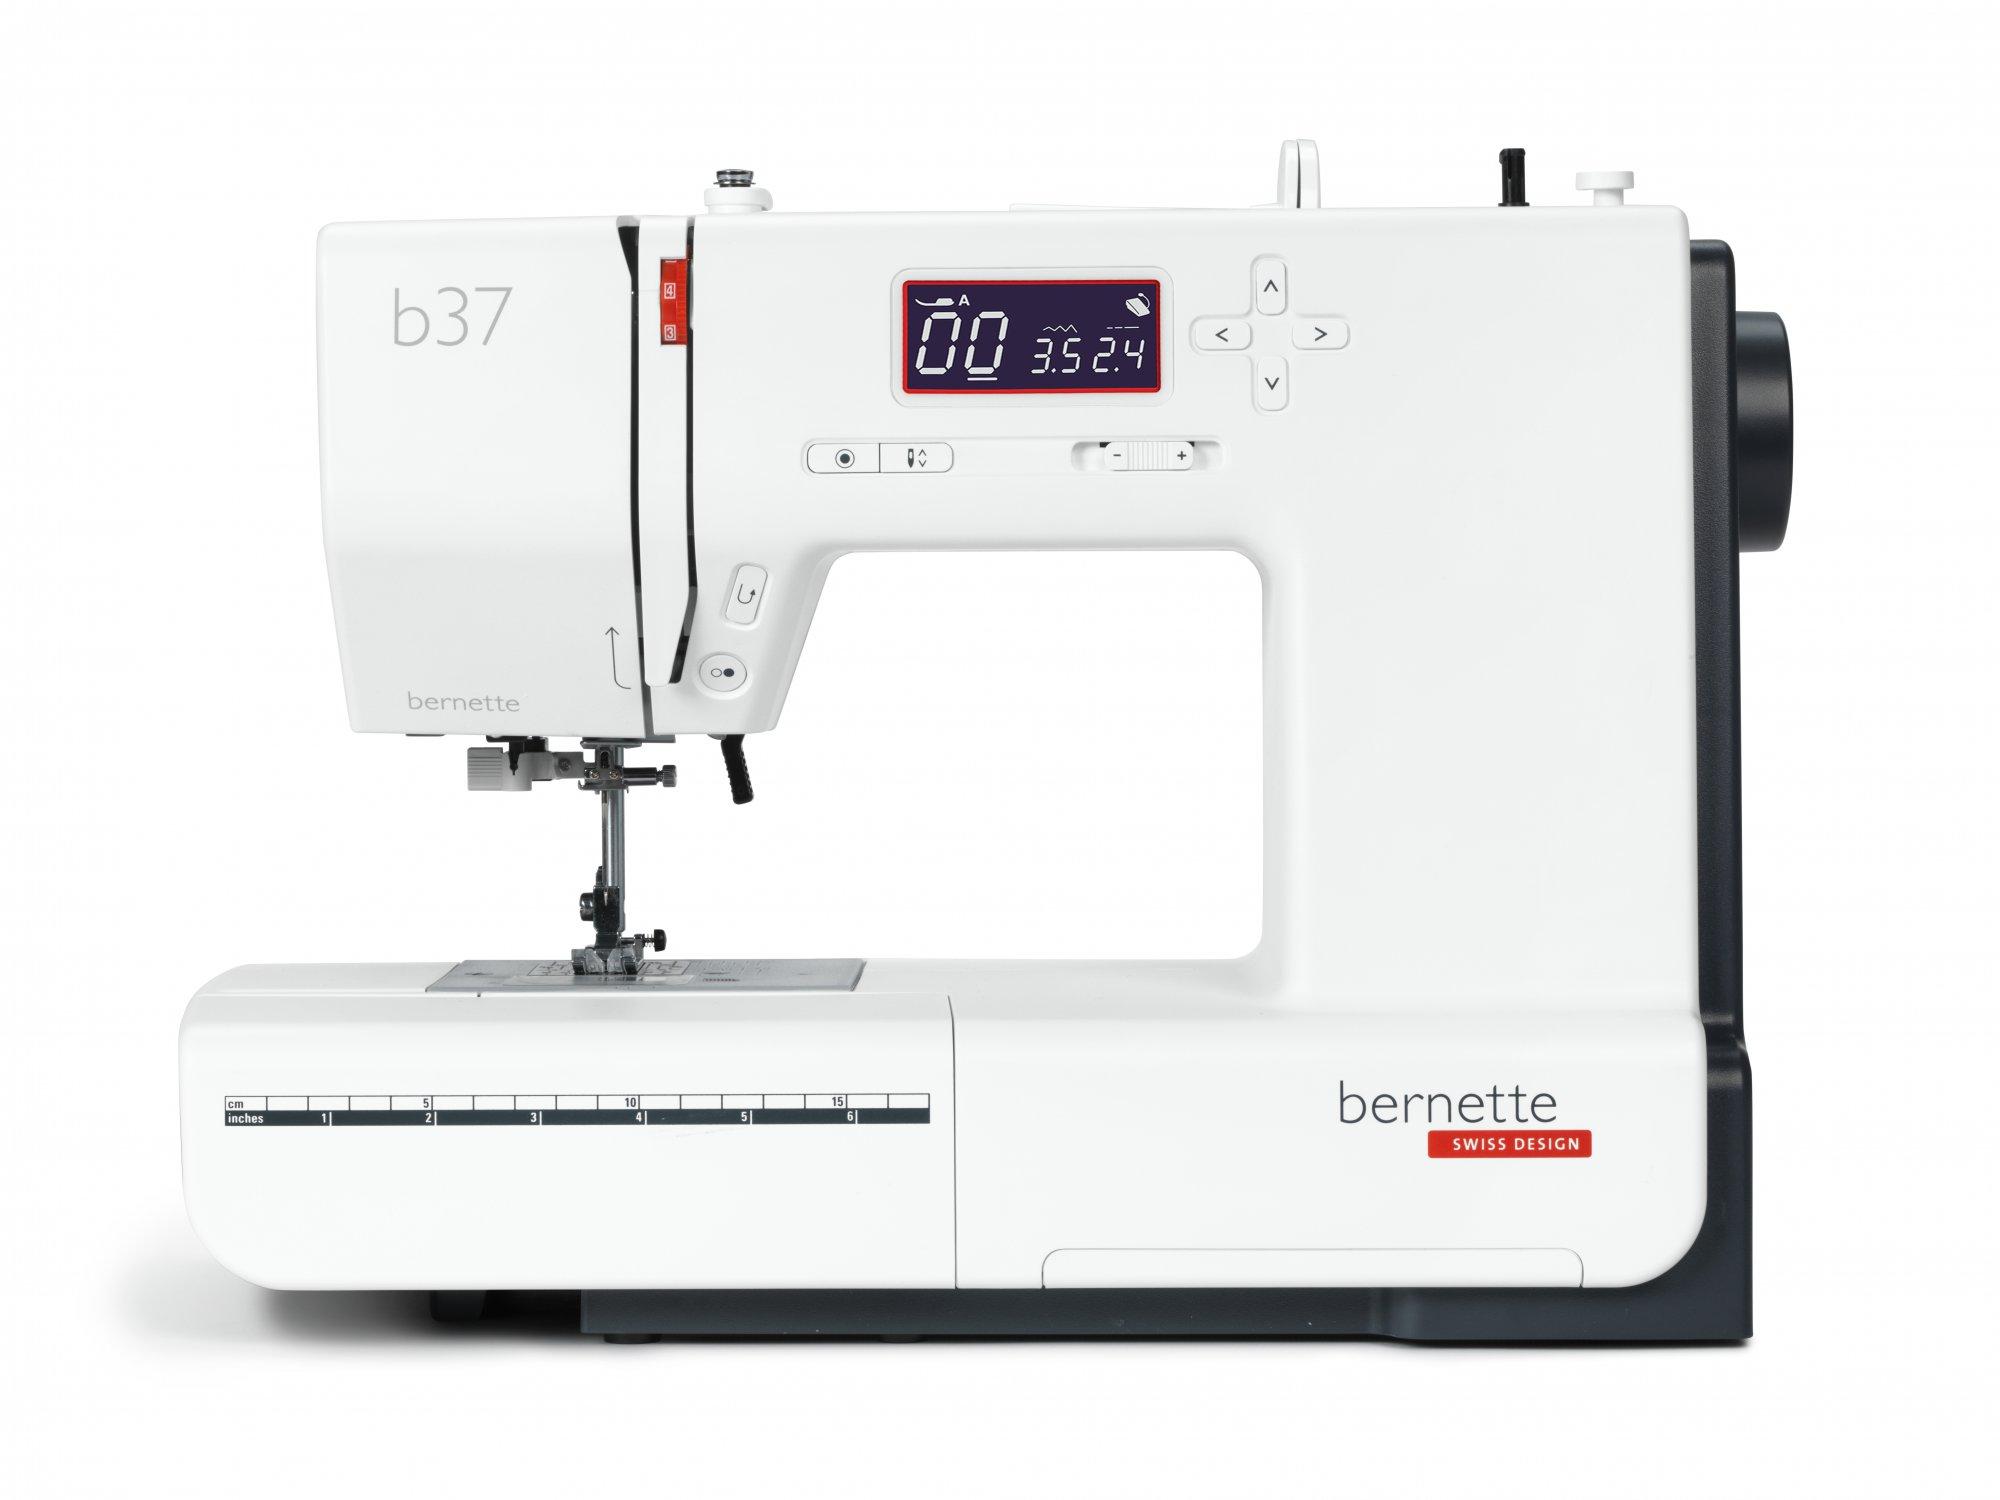 Bernette 37